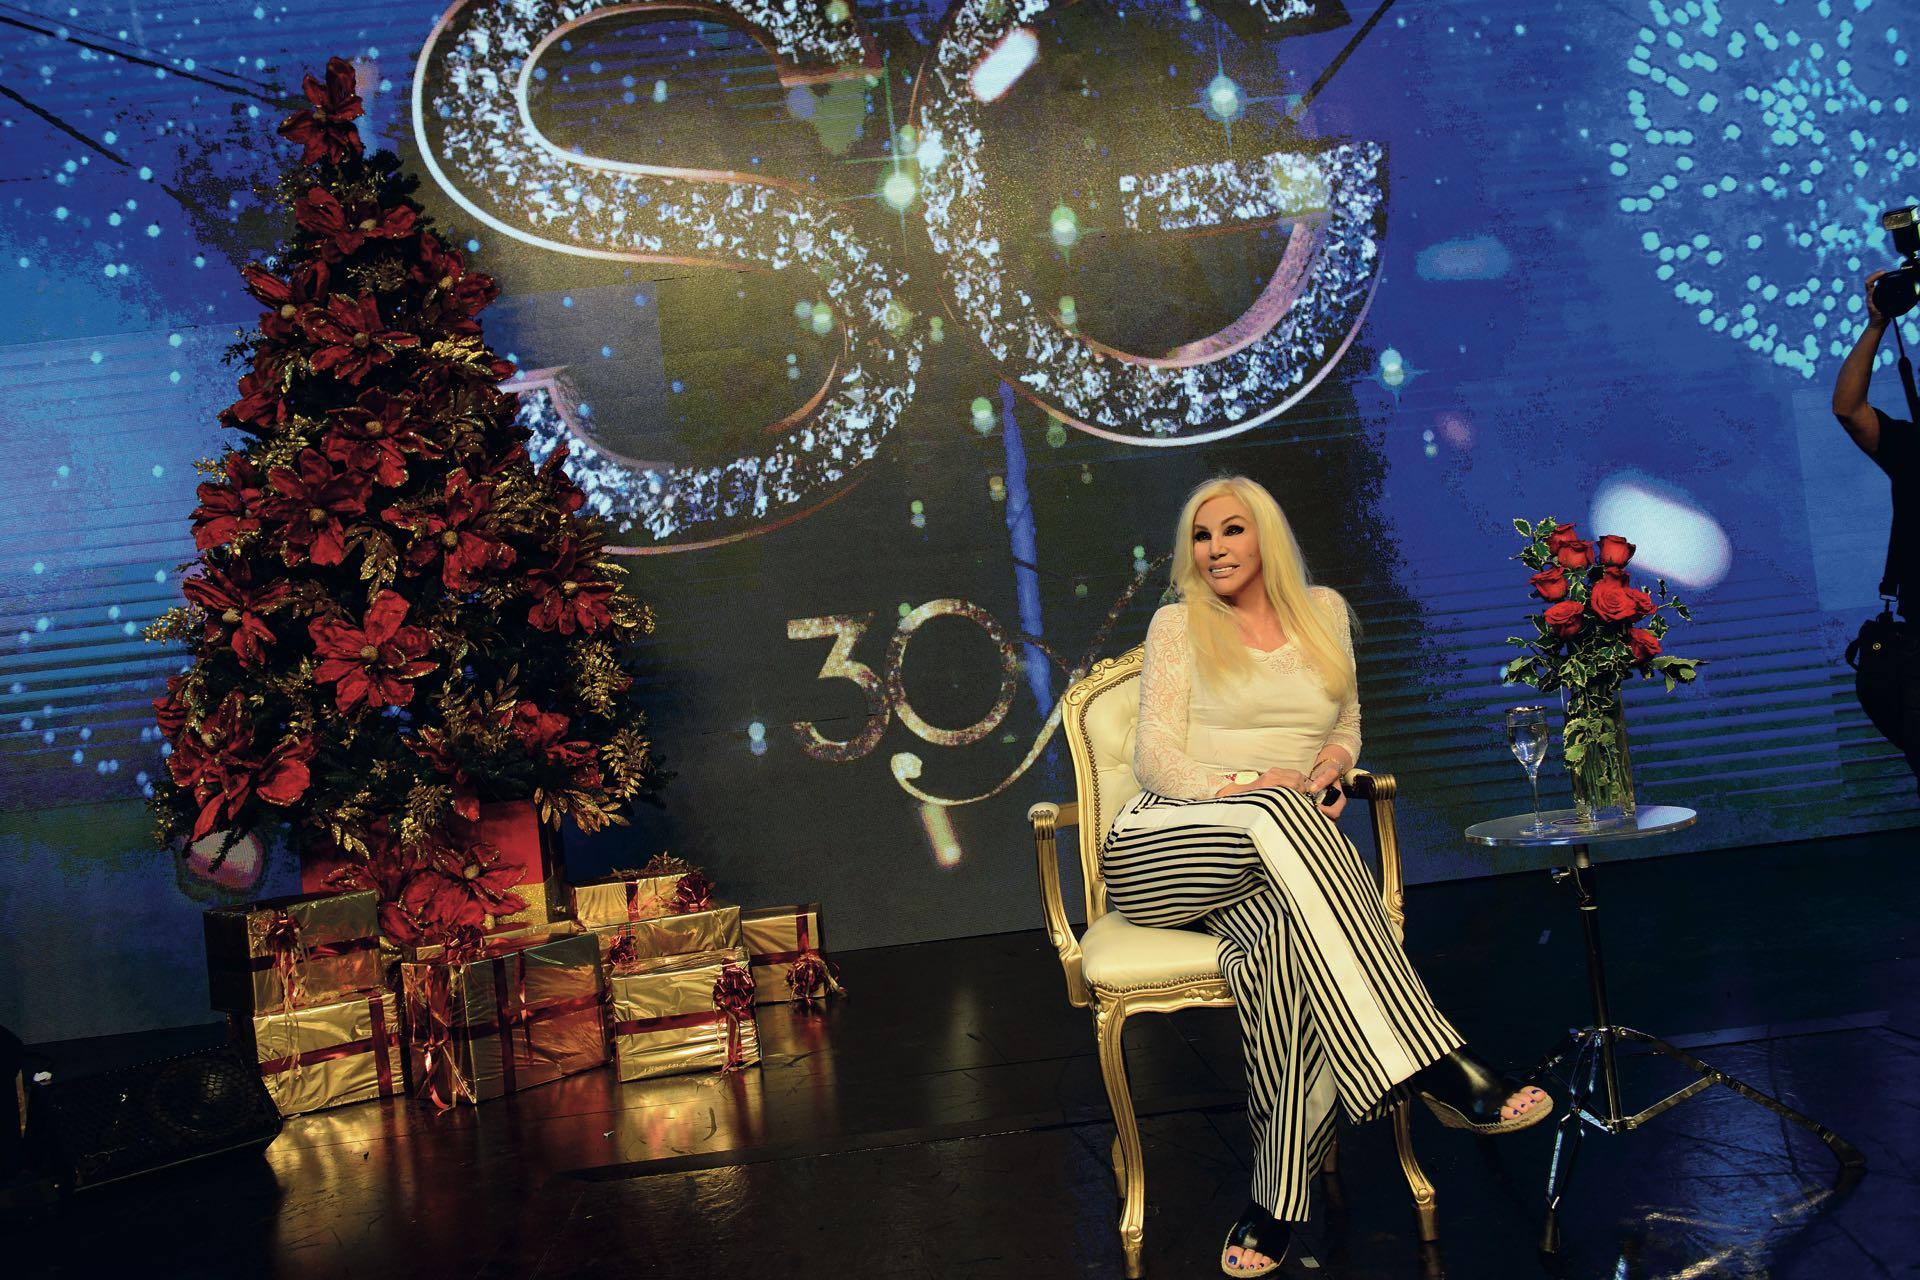 Susana confirmó su vuelta para el 2018 por la pantalla de Telefe. Ella tiene previsto regresar después del Mundial de Rusia